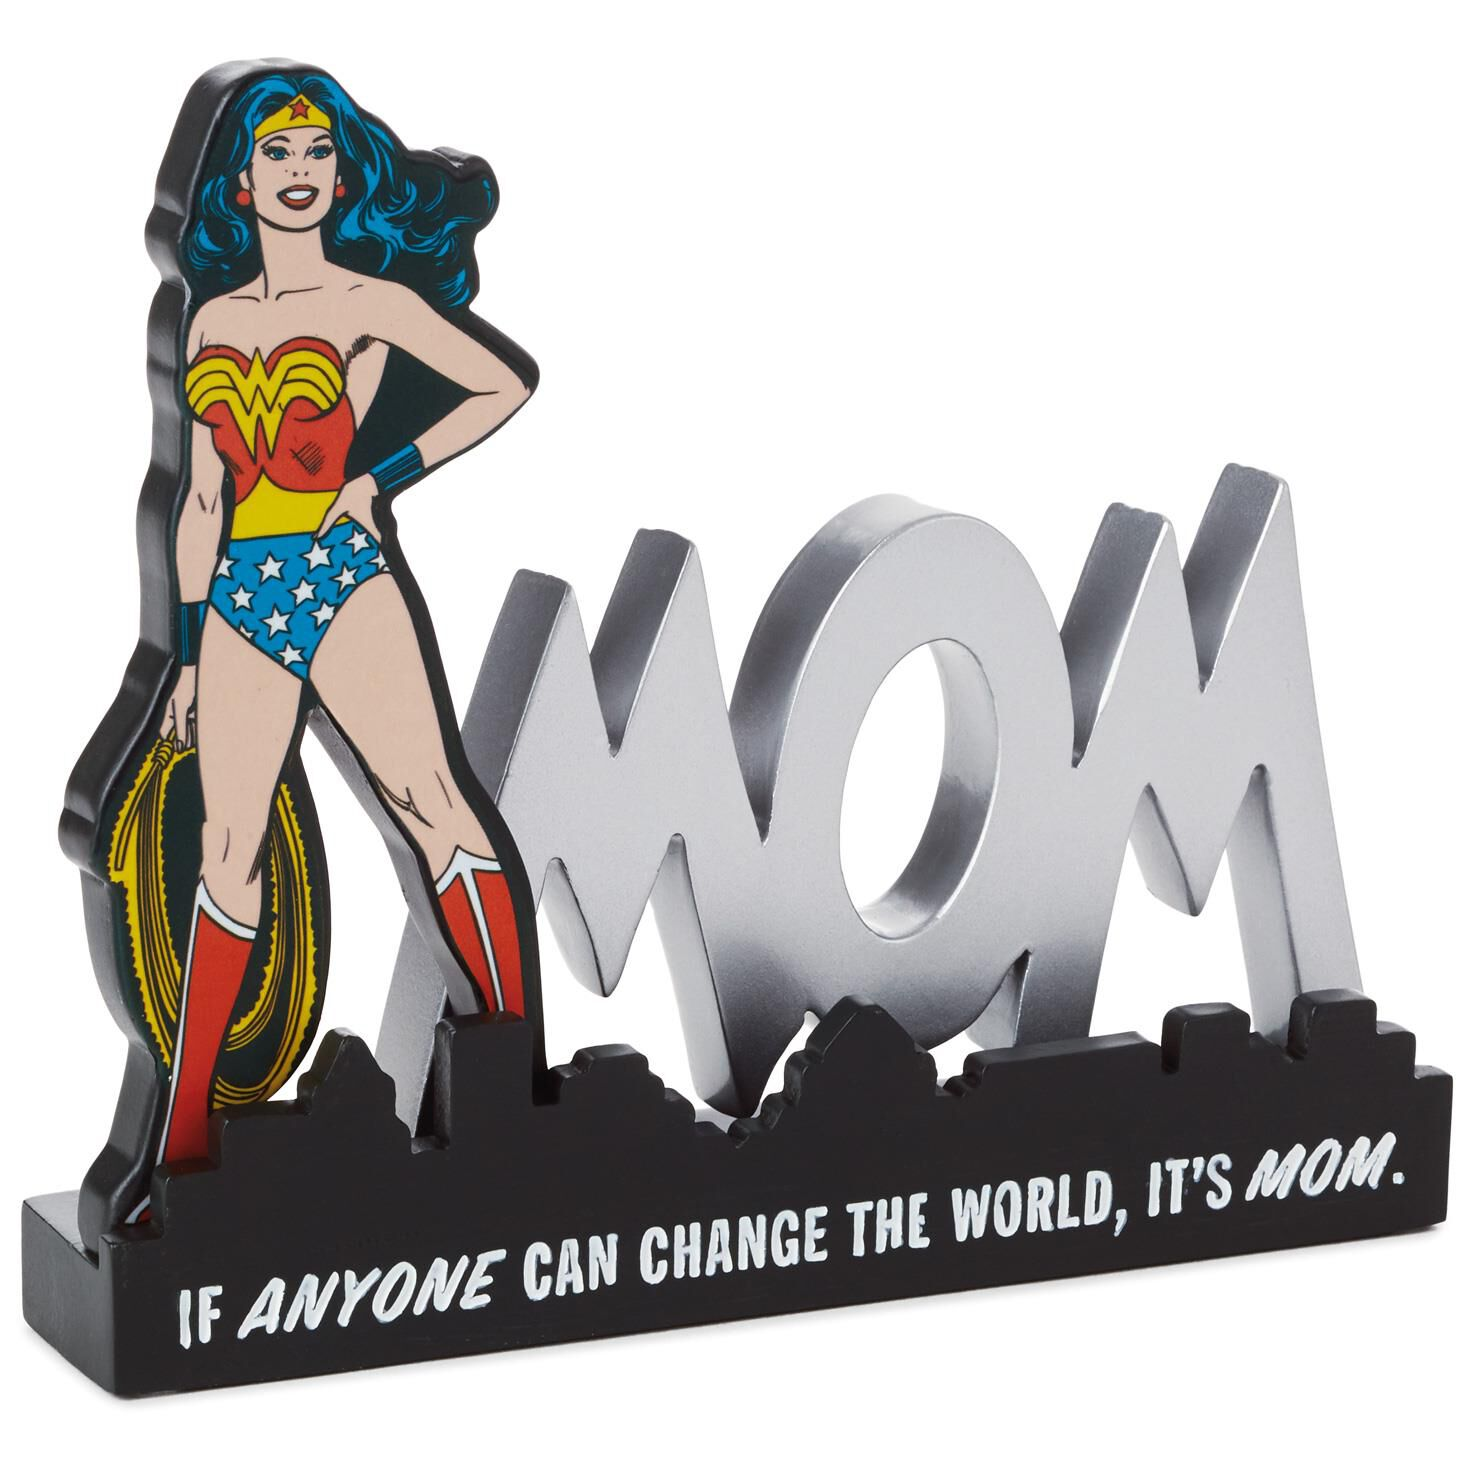 Wonder Woman™ Mom Quote Sign Desk Accessory - Decorative Accessories -  Hallmark